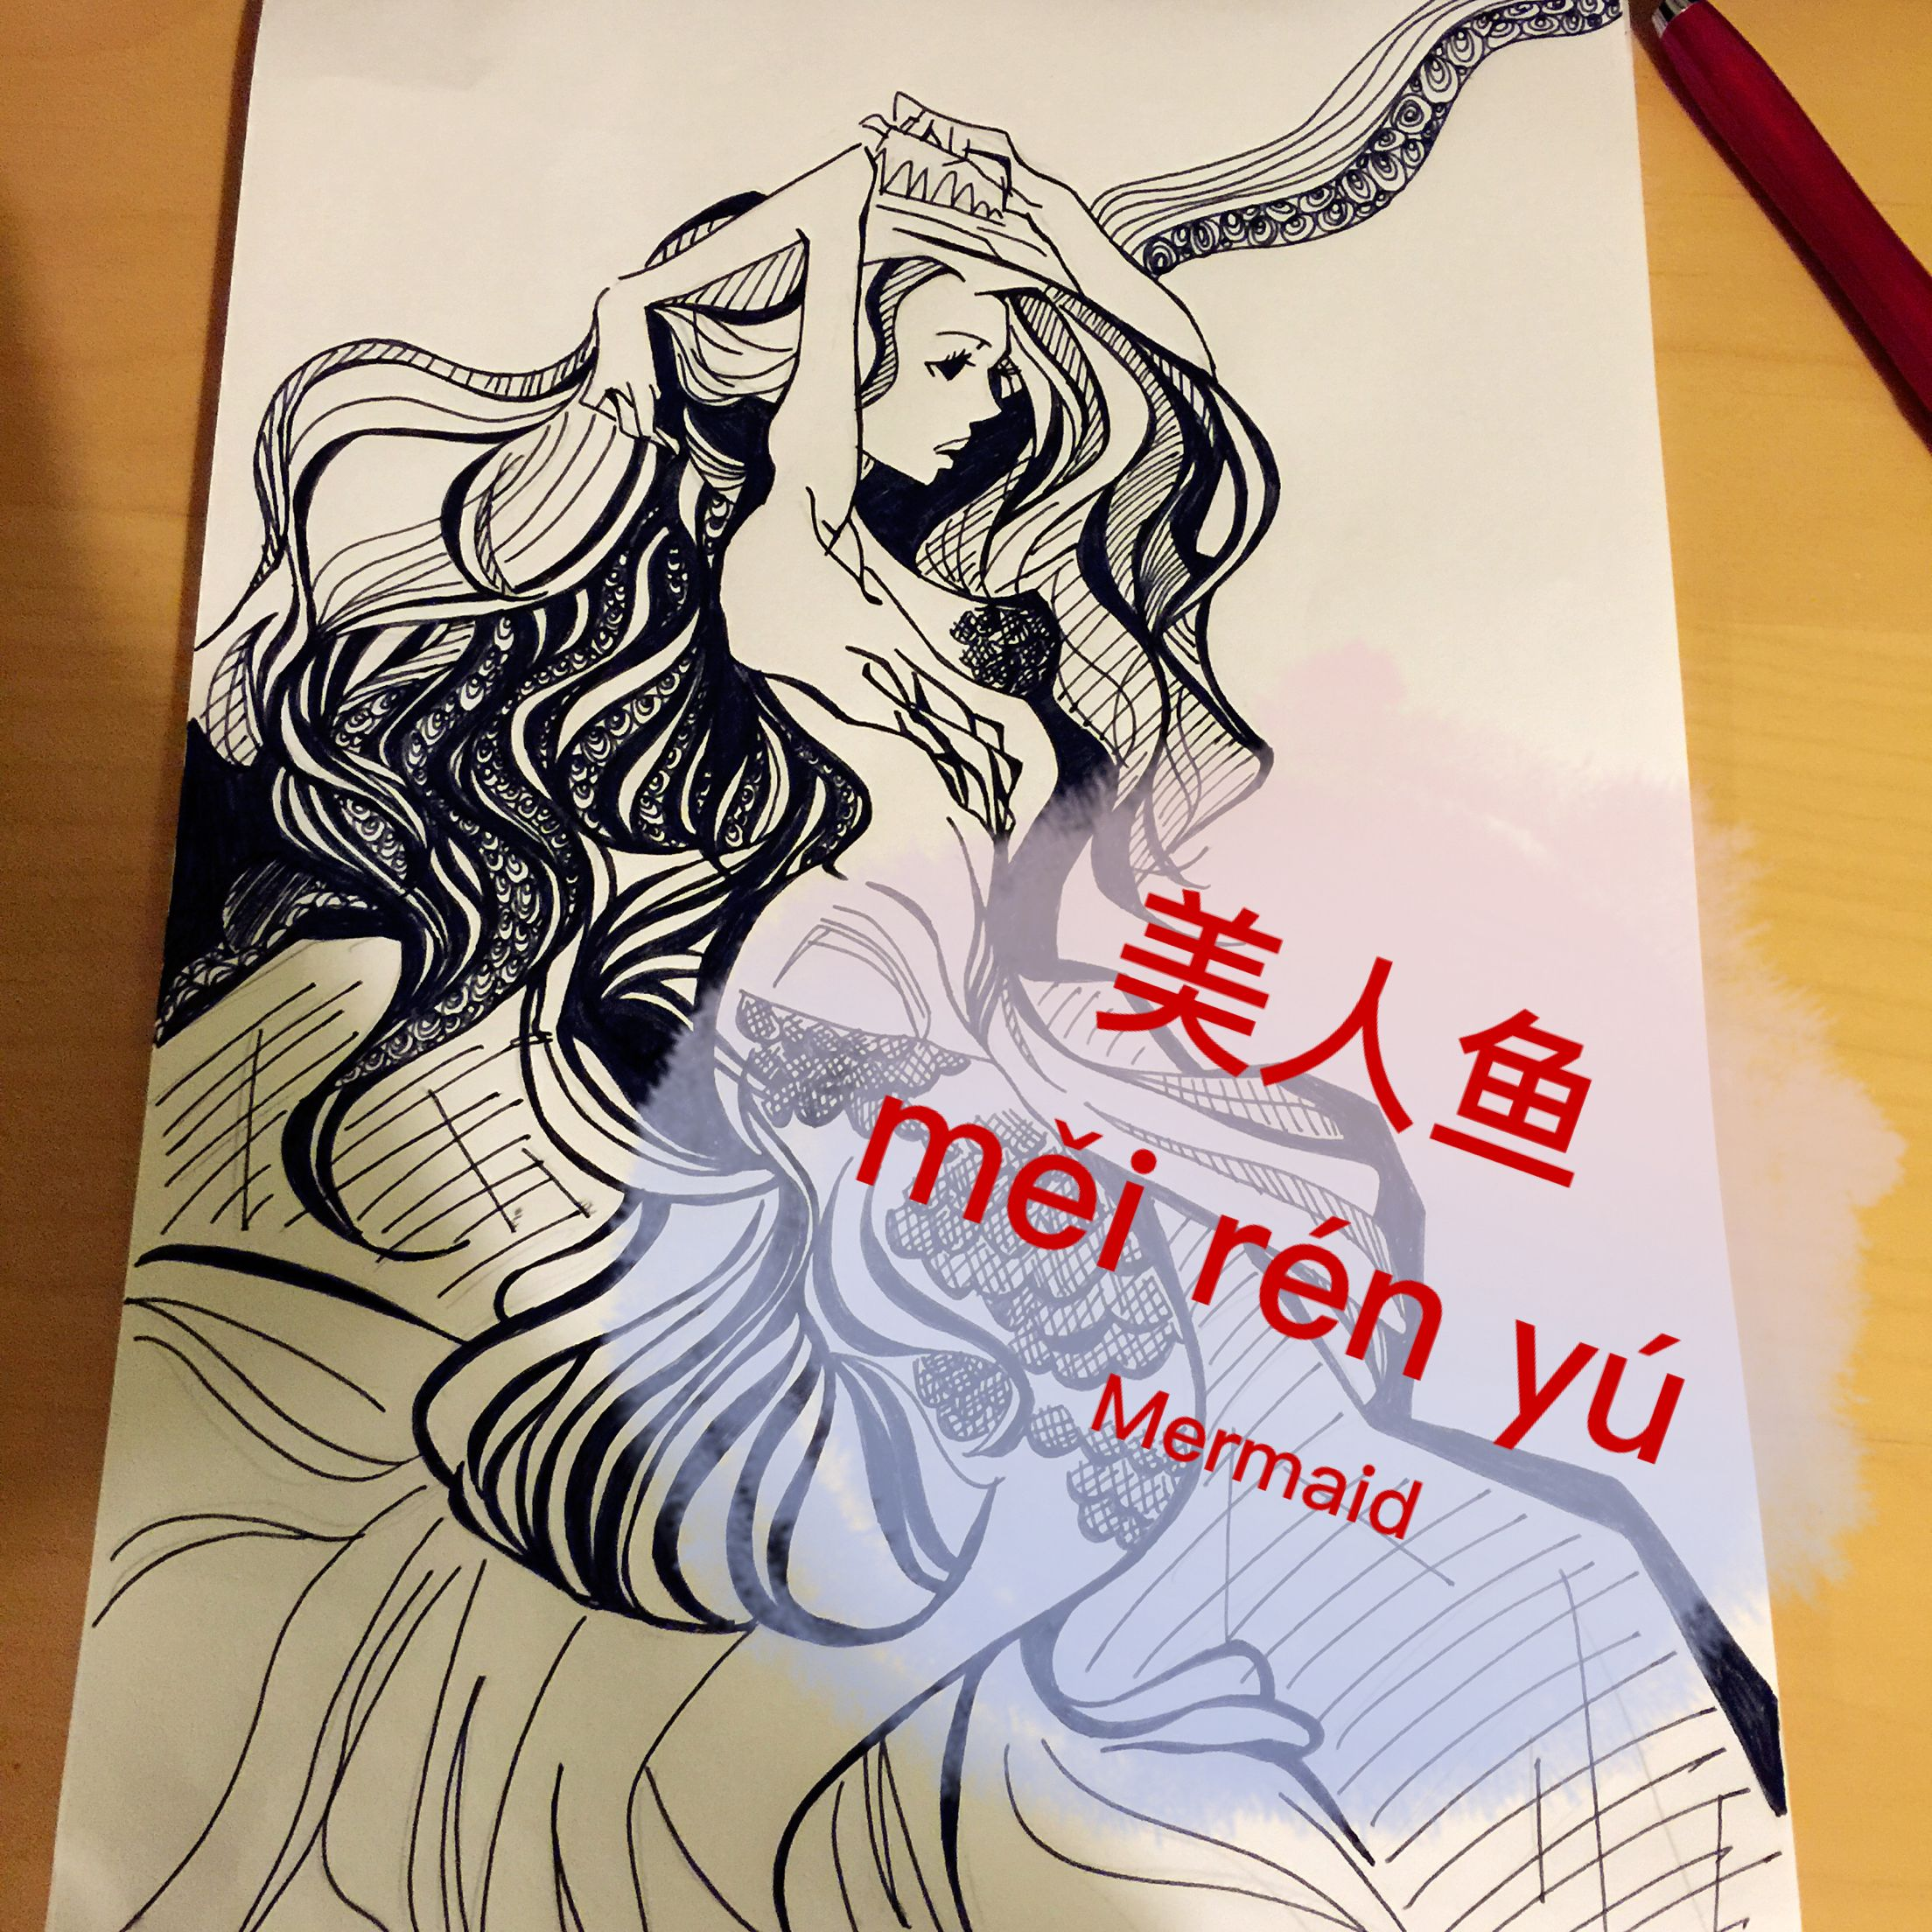 美人鱼的眼泪 měi rén yú dě yǎn lèi 眼泪 yǎn lèi --- tear Learn Mandarin Chinese with Bedroom Chinese! Learn the language and get to know the world without leaving your bedroom. Lots of beautiful original vocabulary cards, videos and blogs on interesting topics such as travelling, business, films, books, music, etc... https://www.youtube.com/user/TheStwrong?sub_confirmation=1 www.bedroomchinese.com